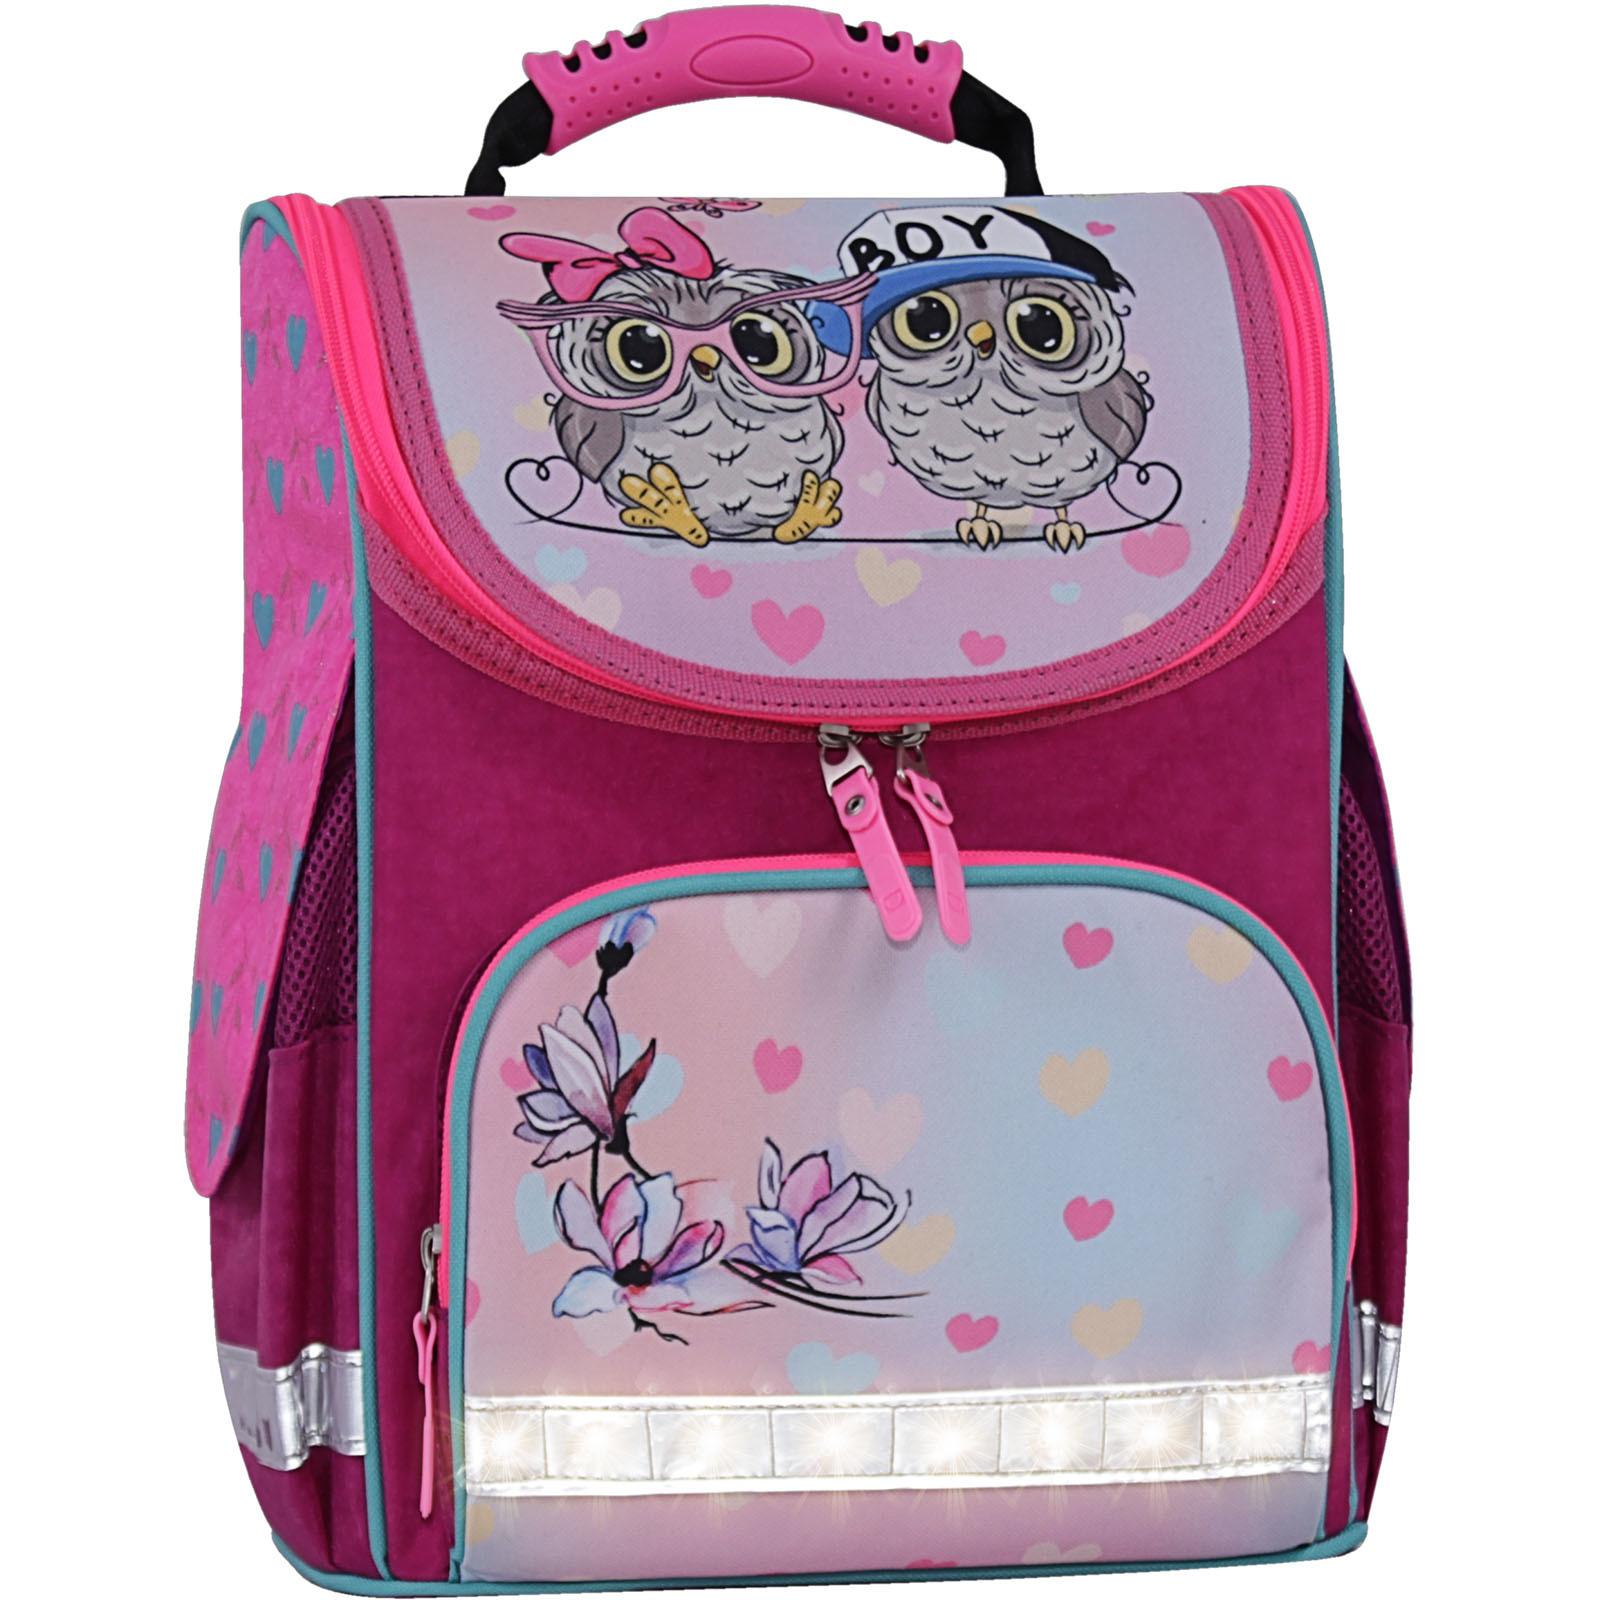 Школьные рюкзаки Рюкзак школьный каркасный с фонариками Bagland Успех 12 л. малиновый 515 (00551703) IMG_3938свет.суб515-1600.jpg